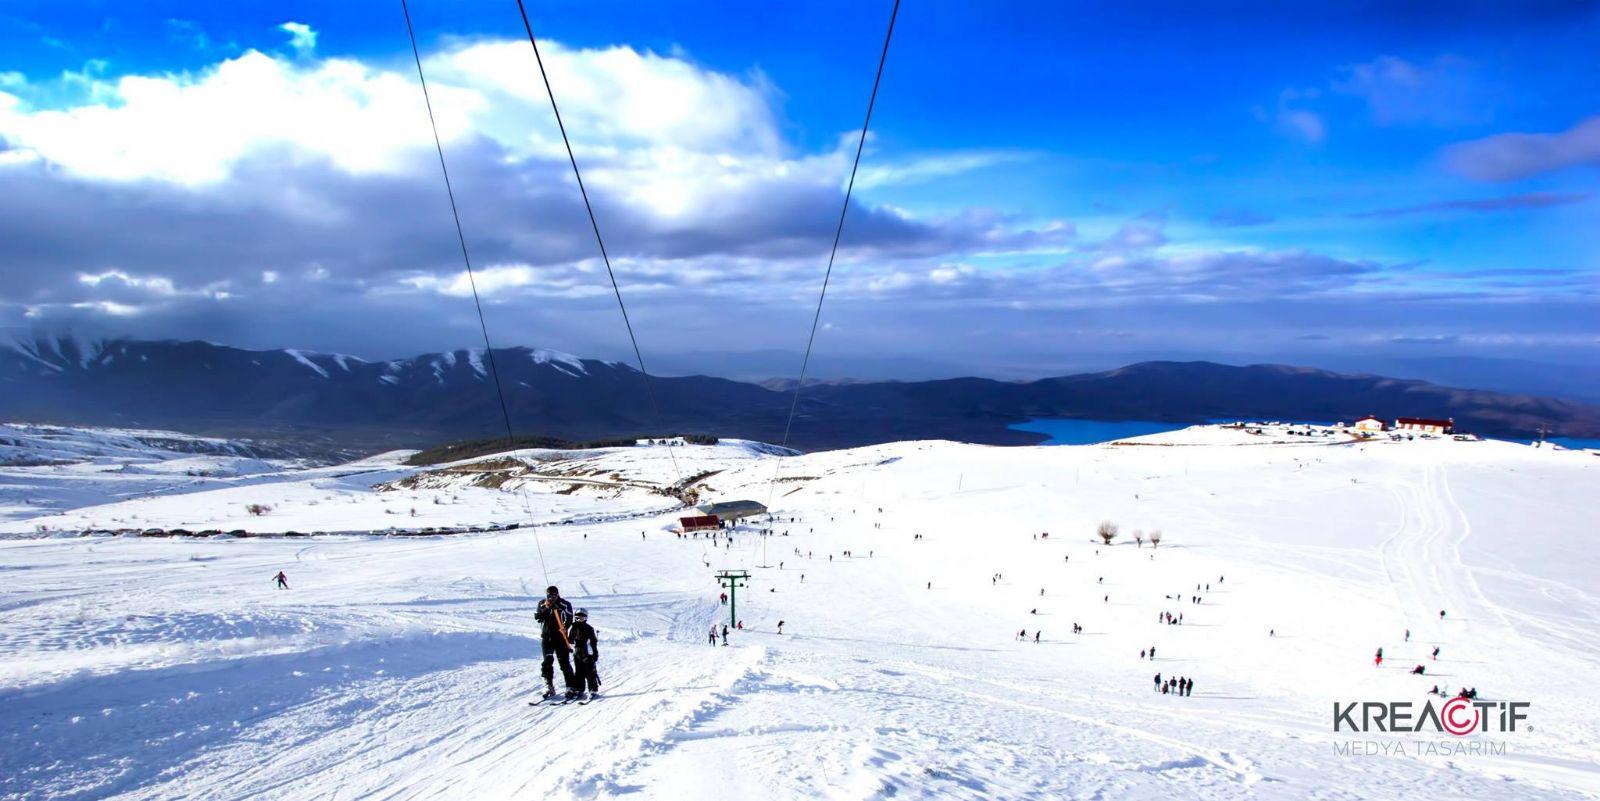 hazarbaba kayak merkezi fotograf cekimi kreactif 6